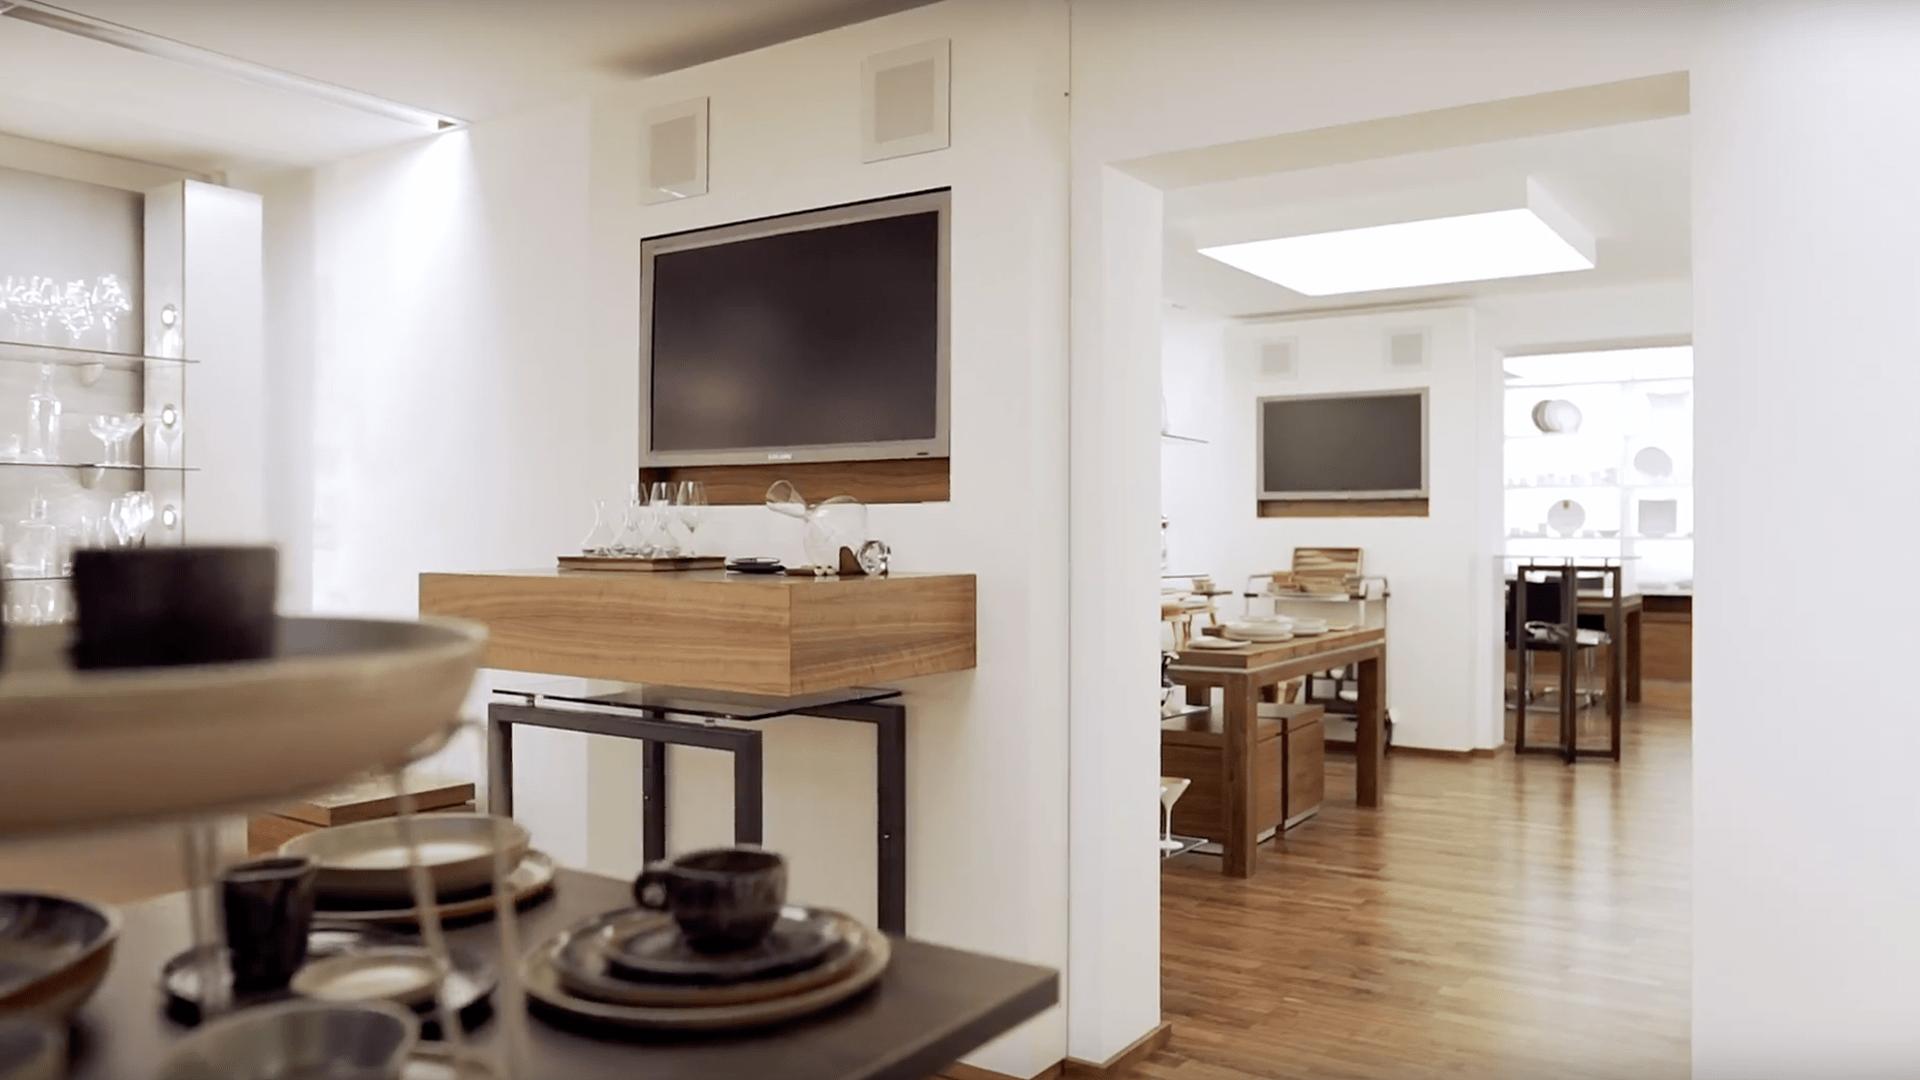 P2, Ausstellung – Eingangsbereich und Bar- und Seminarräume